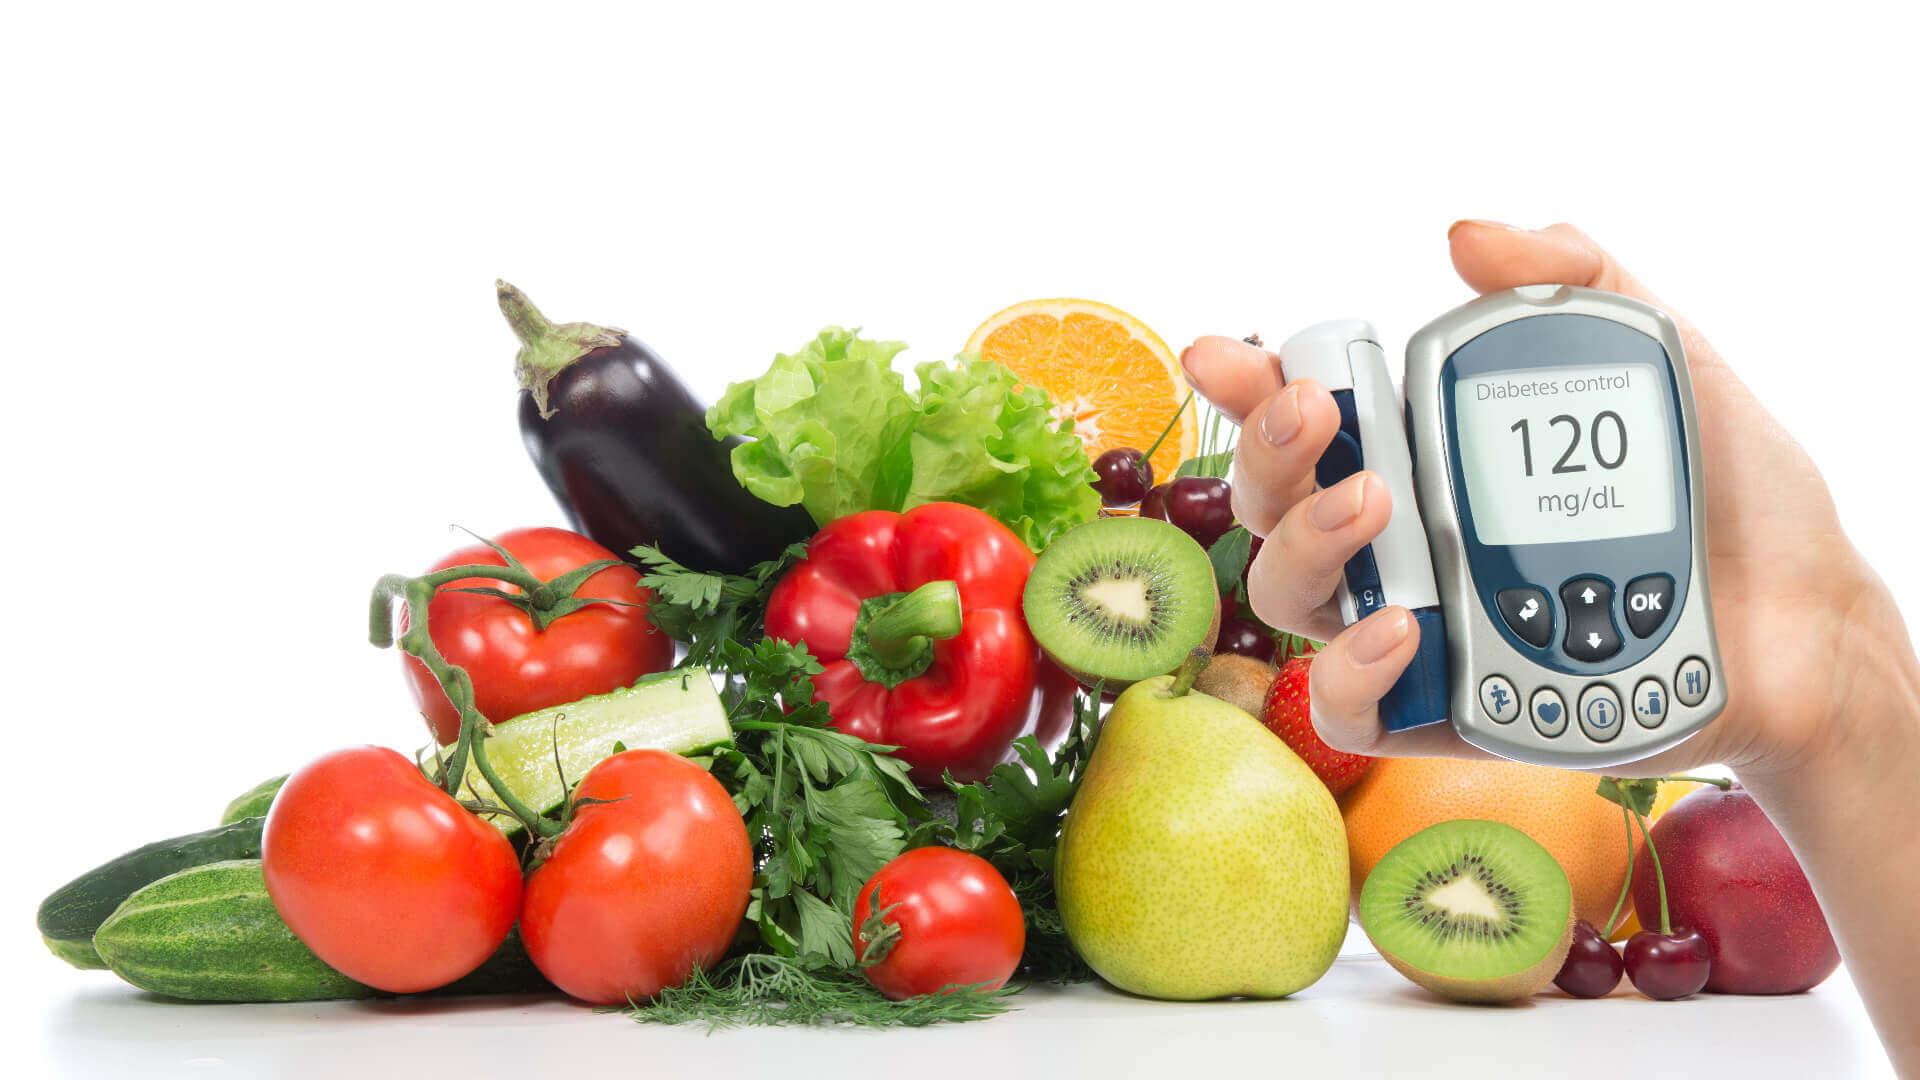 Dieta W Cukrzycy Czego Nie Jesc W Cukrzycy Jadlospis Cukrzyka